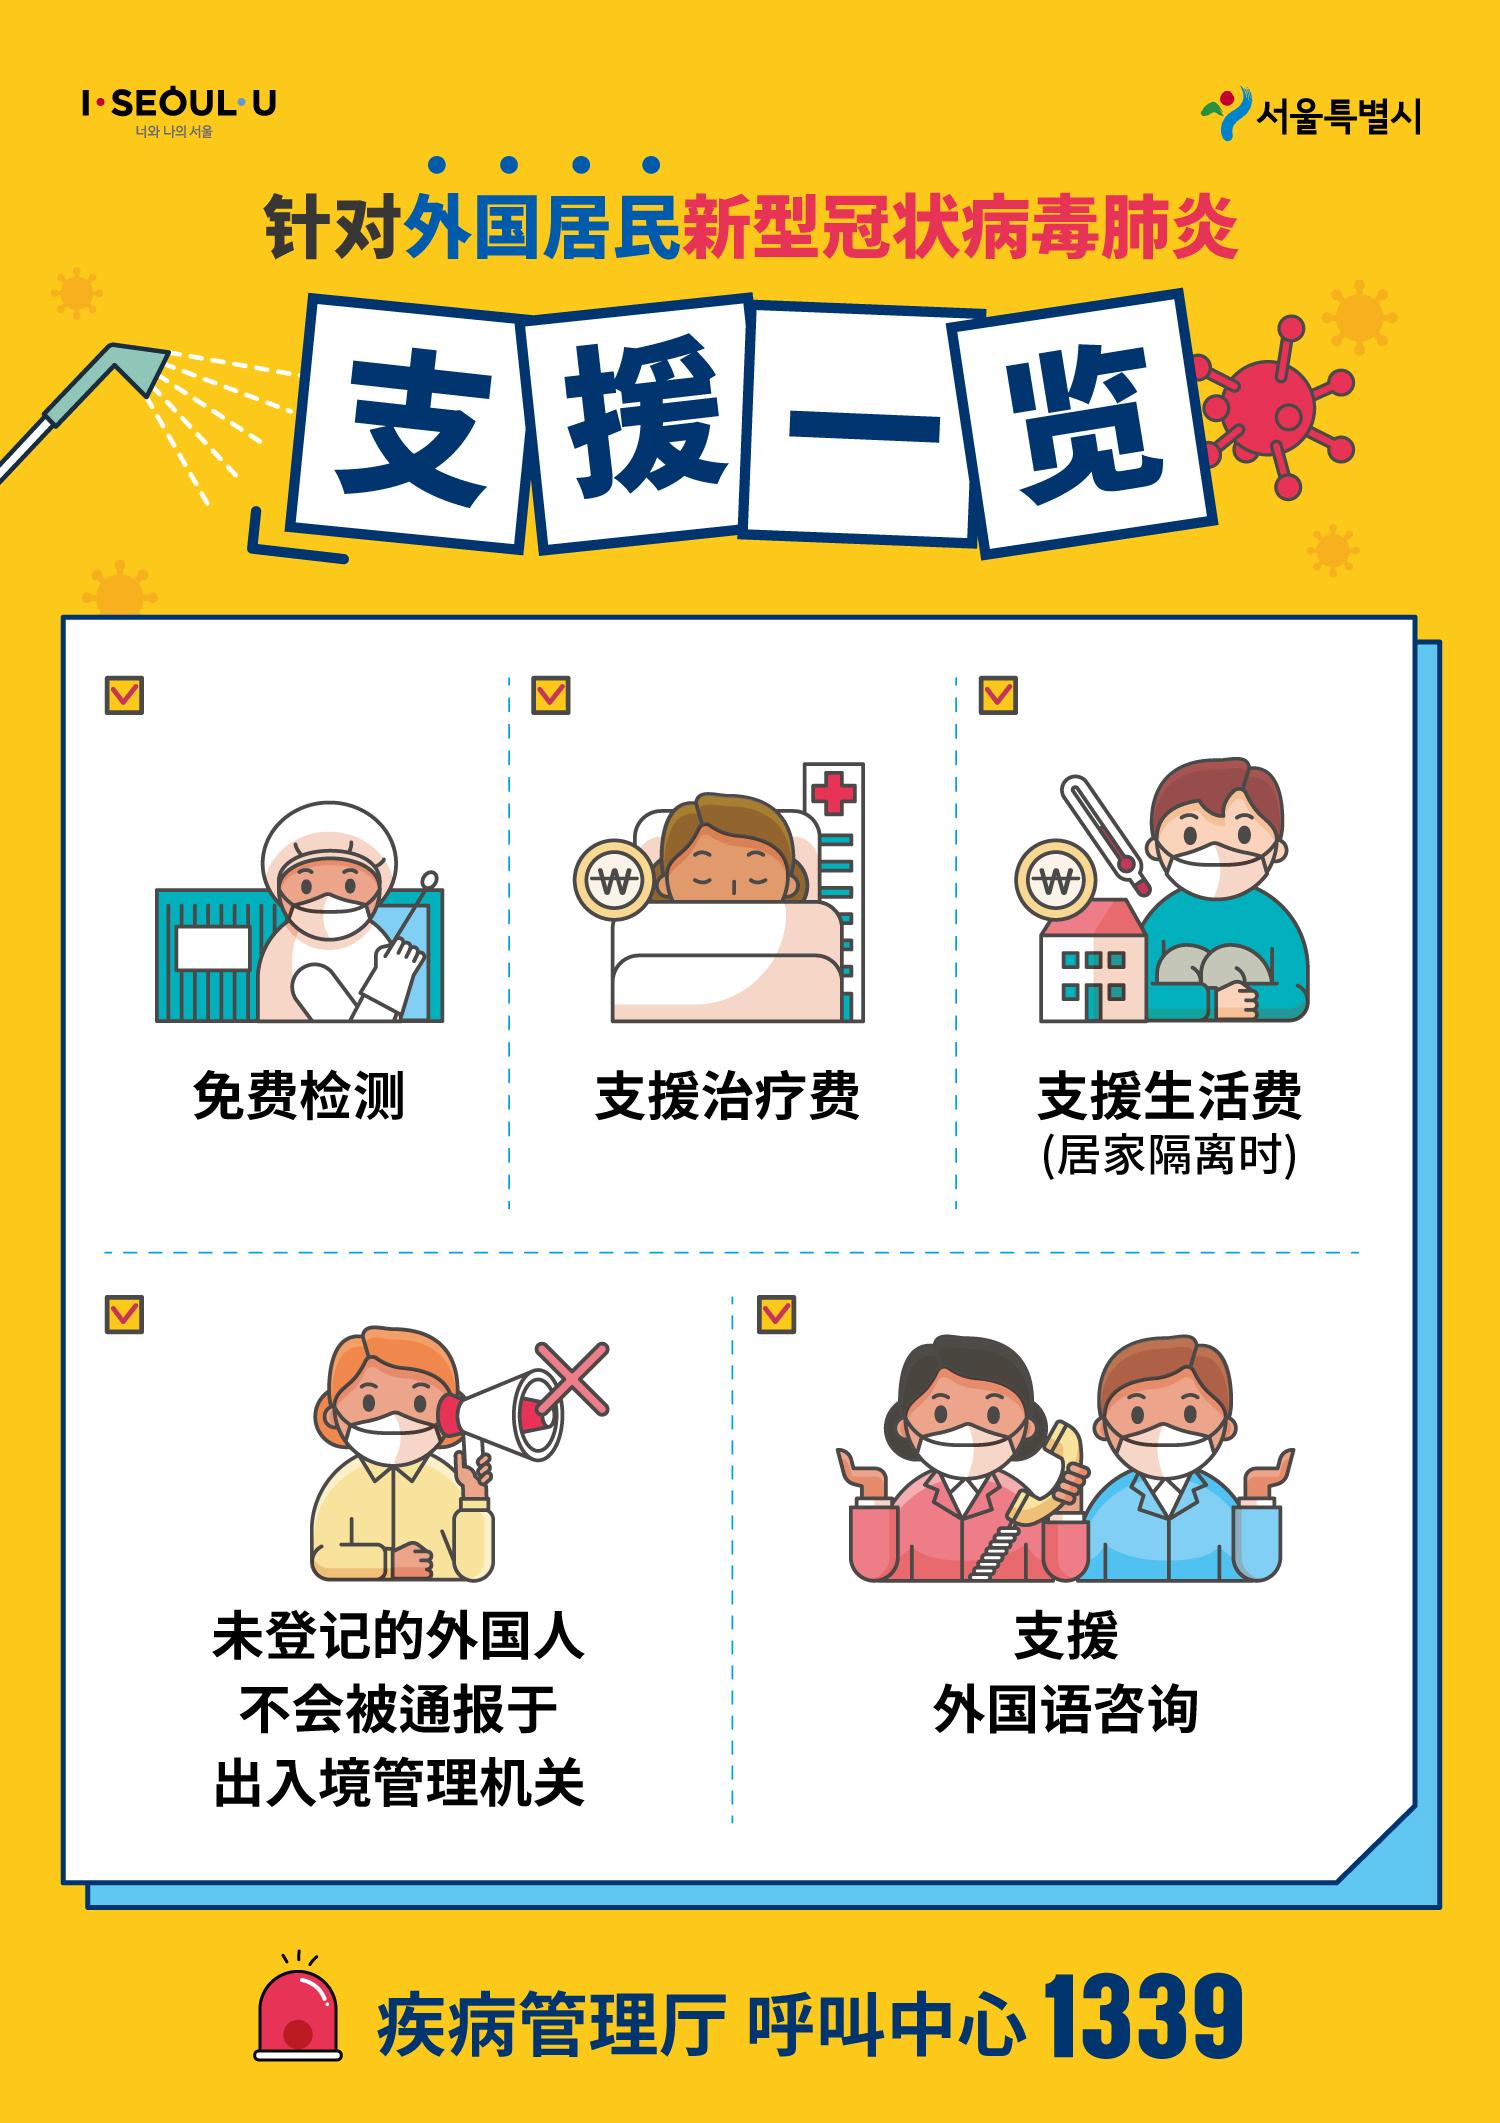 针对外国居民新型冠状病毒肺炎 支援一览